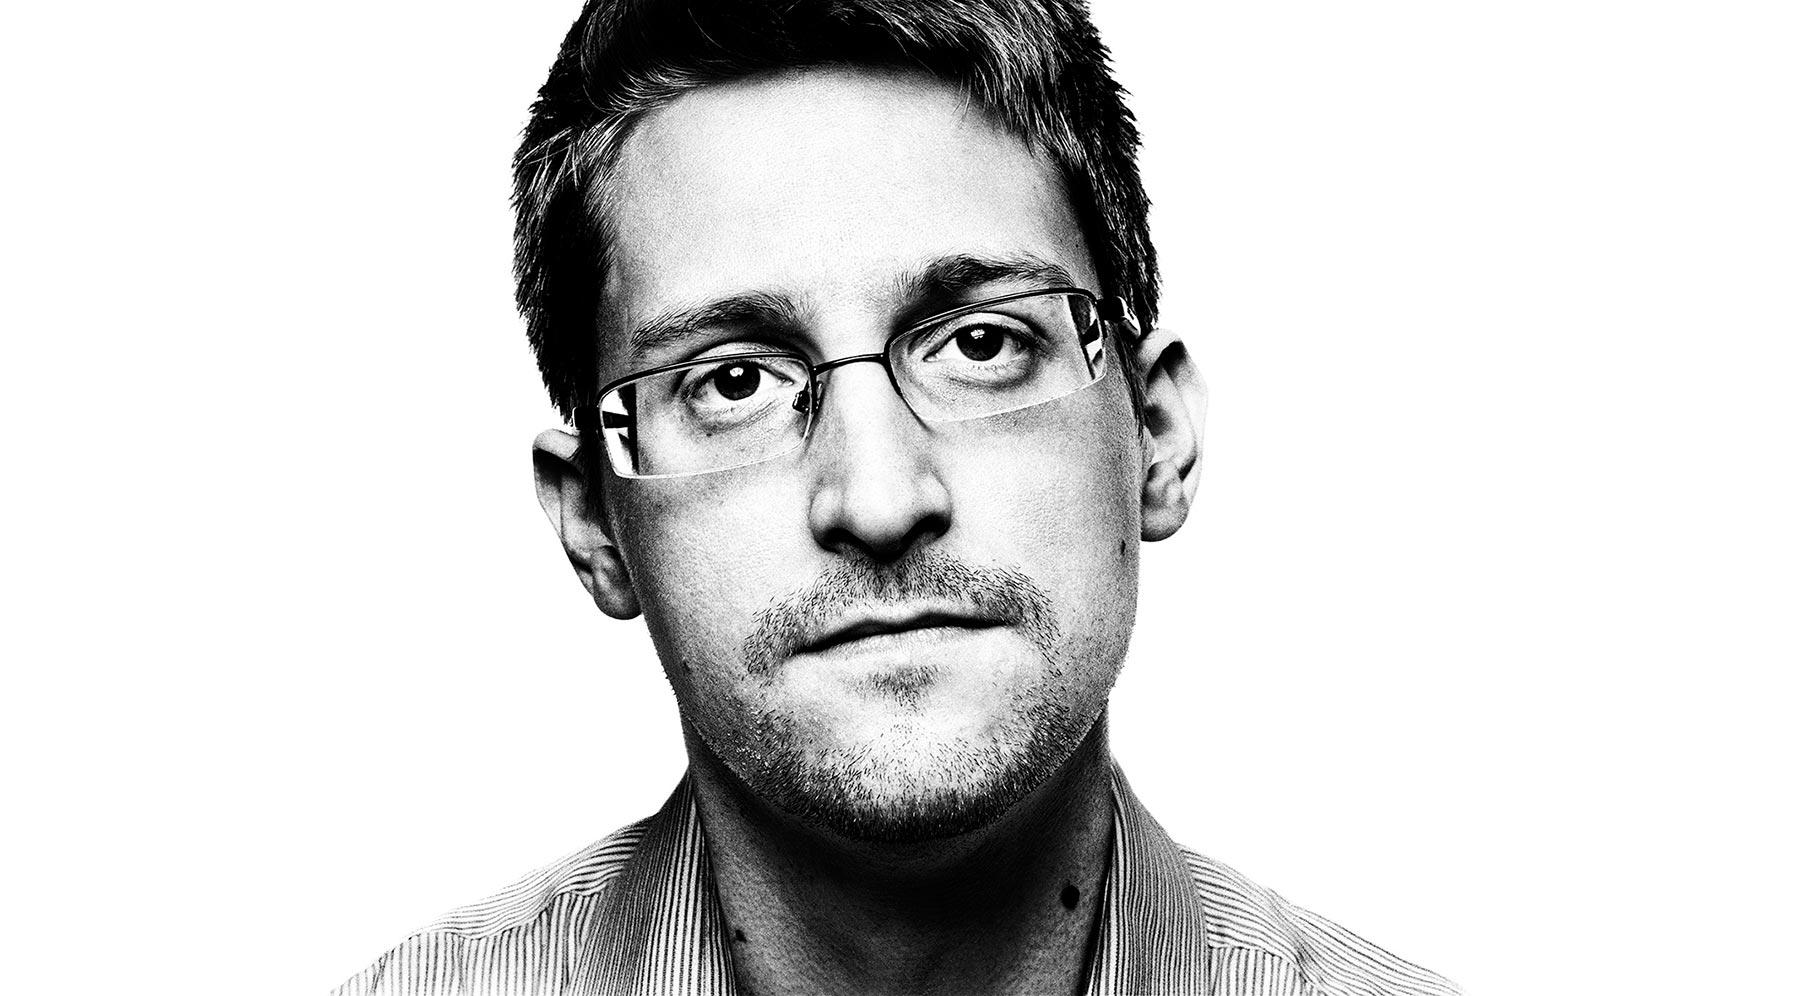 Edward Snowden müxtəlif tədbirlərdə necə iştirak edir?